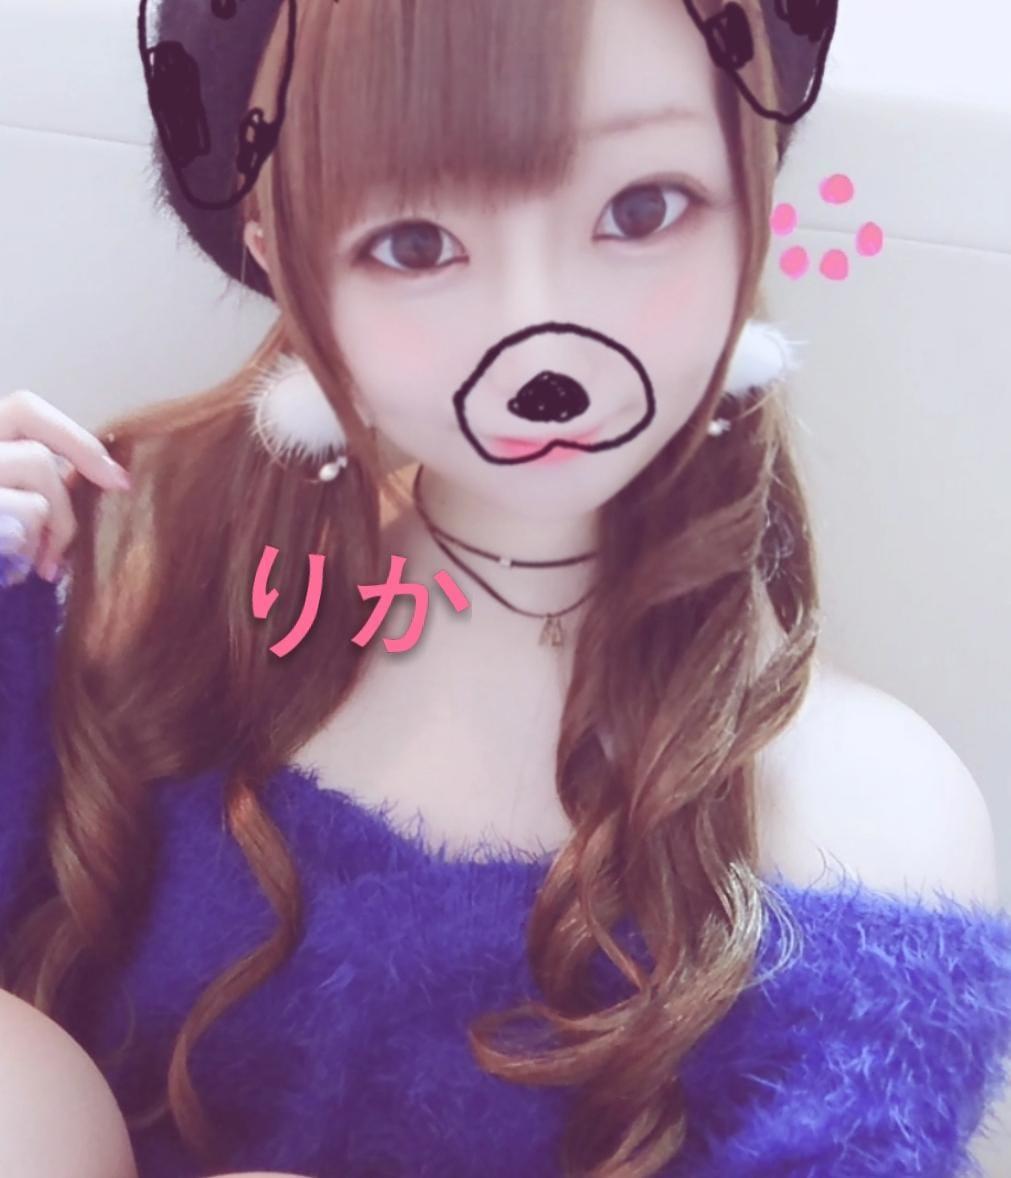 「?おやすみなさい?」01/17(木) 00:47 | りかの写メ・風俗動画